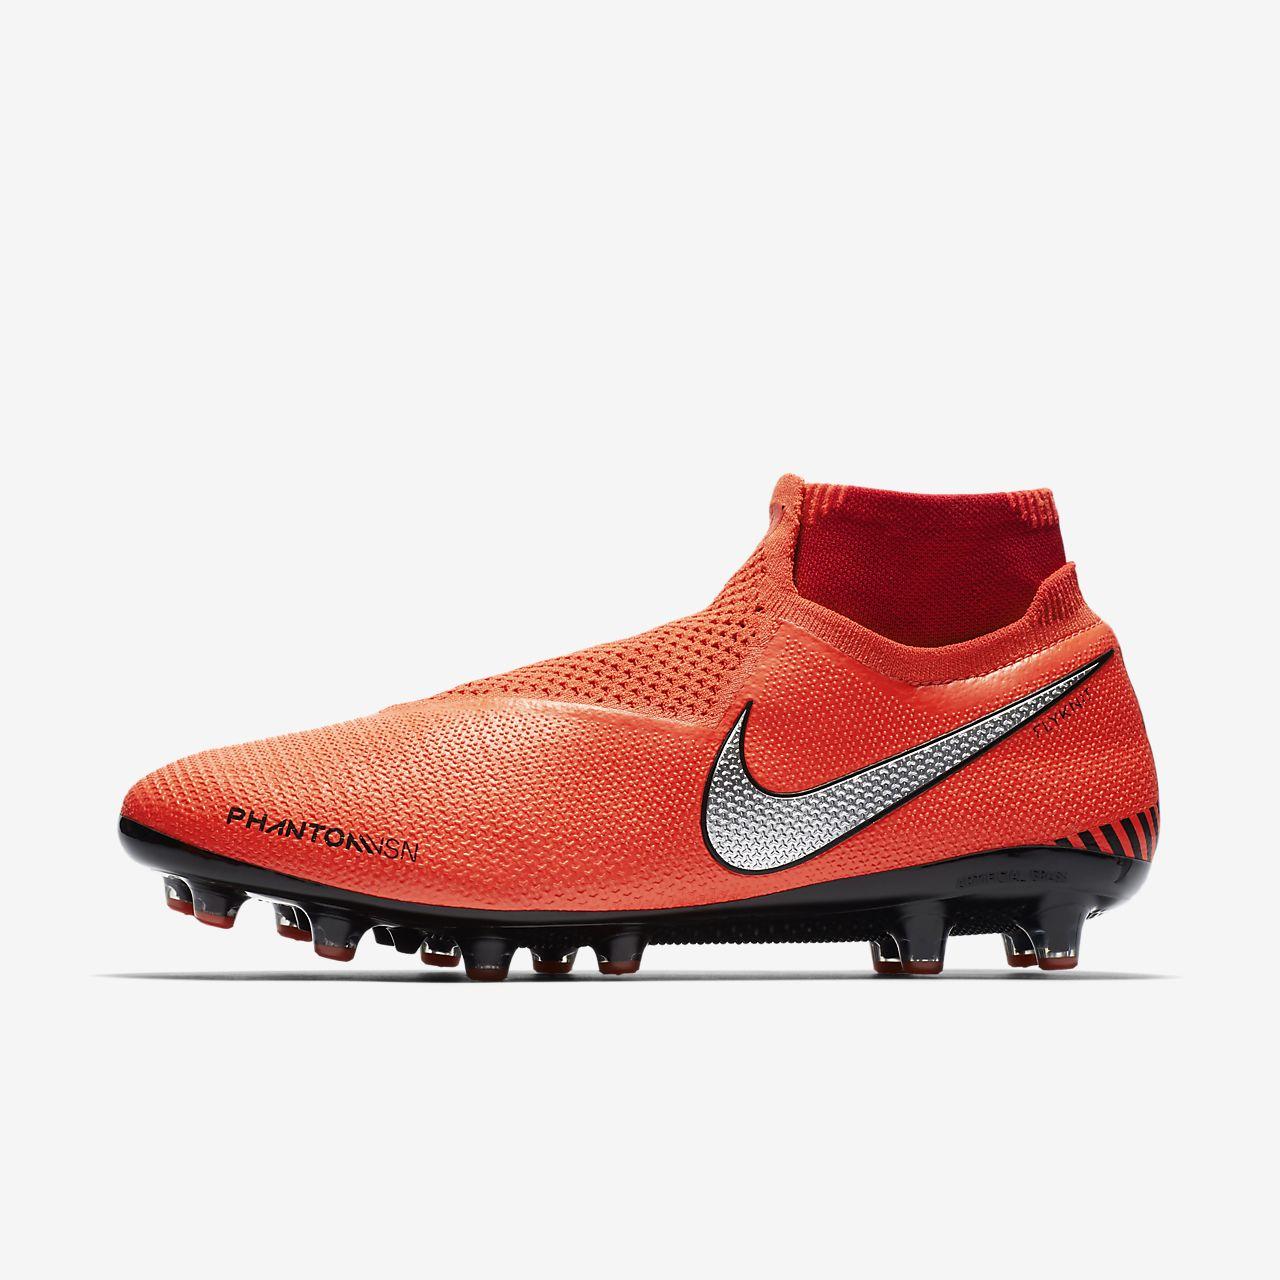 Chuteiras de futebol para relva artificial Nike Phantom Vision Elite  Dynamic Fit 88bc15934cc27